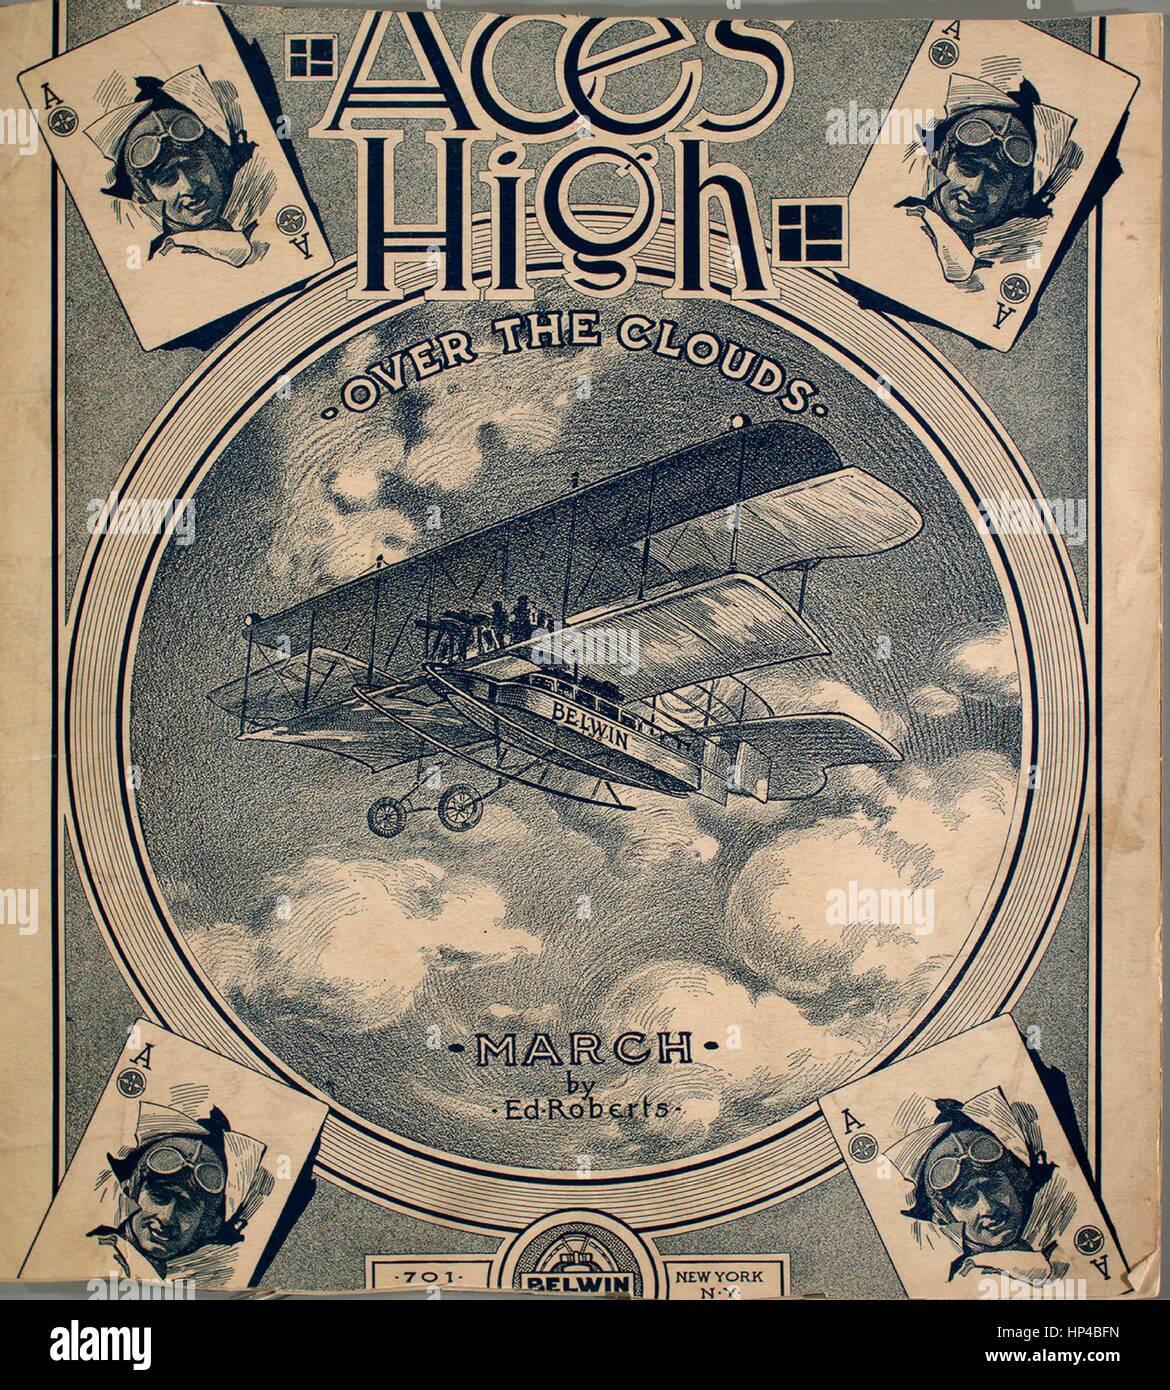 Sheet Music Image De Couverture De La Chanson Aces High Plus Les